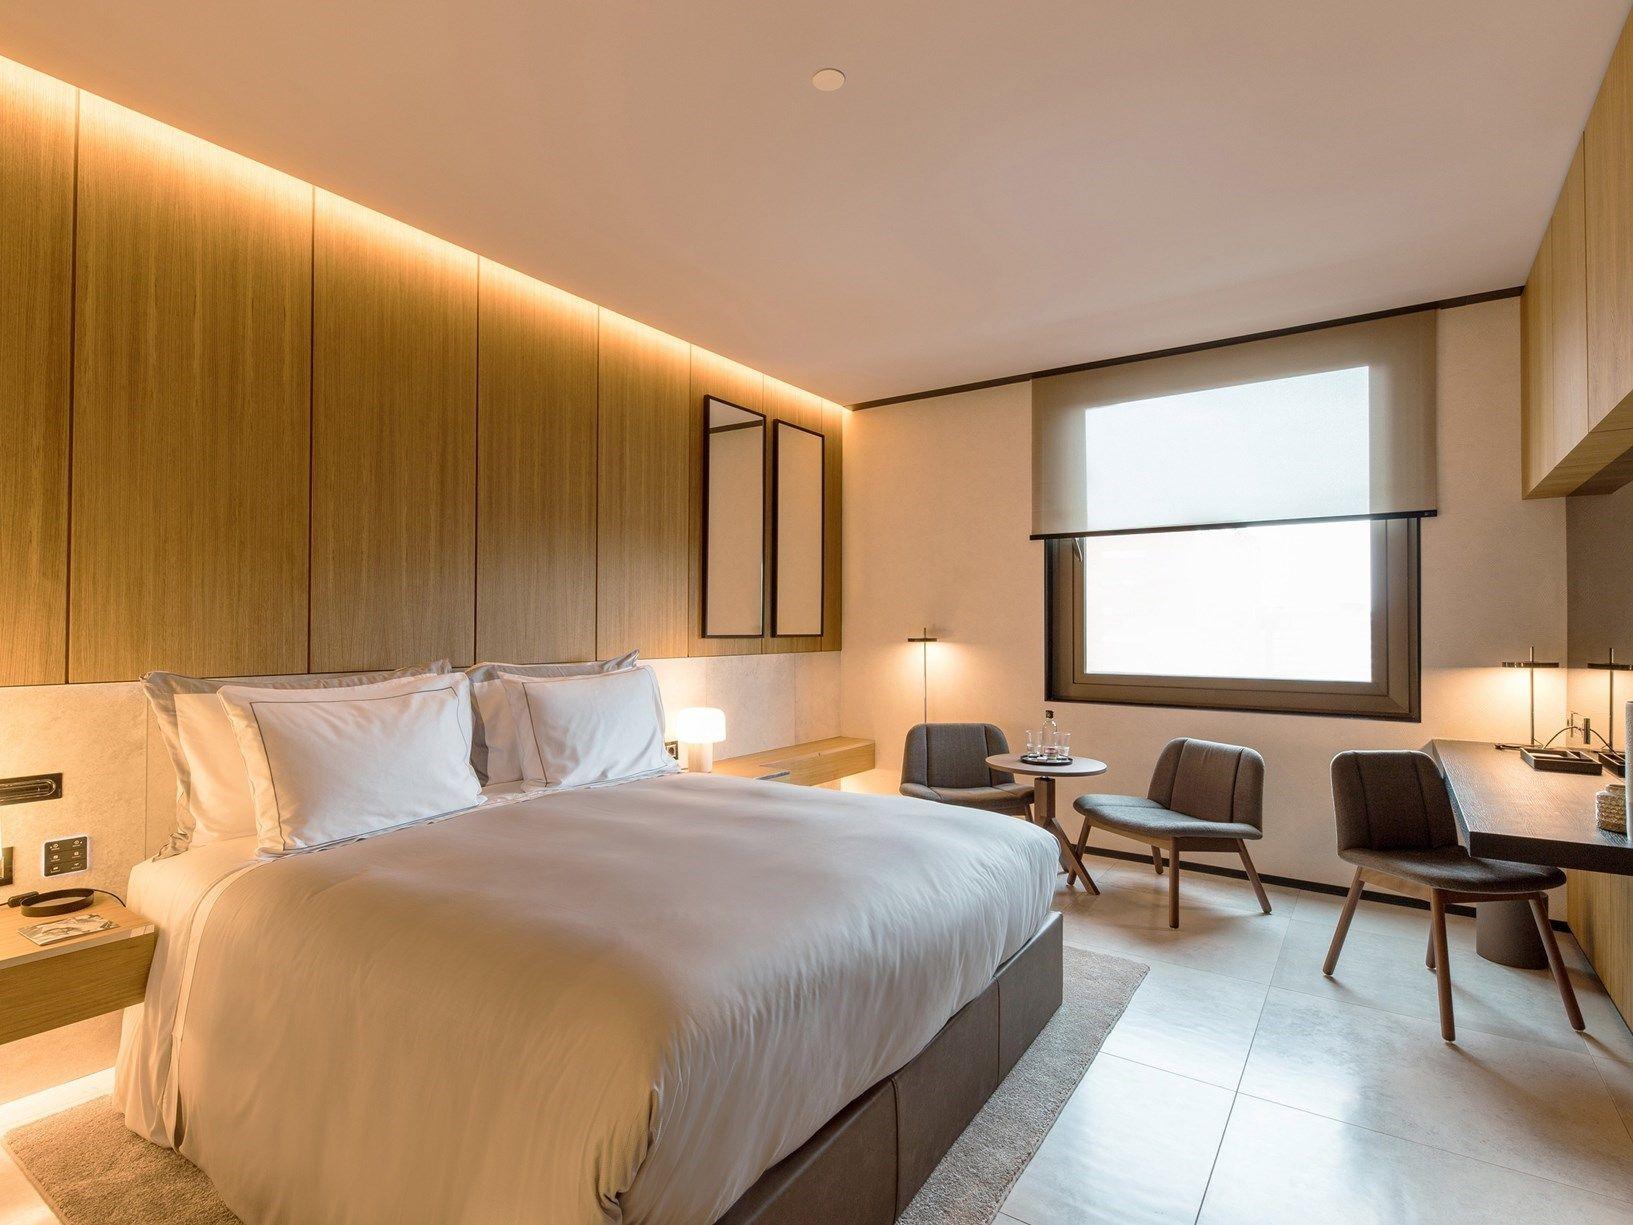 Billiani per il restyling dell 39 hotel sofia di barcellona for Hotel per barcellona